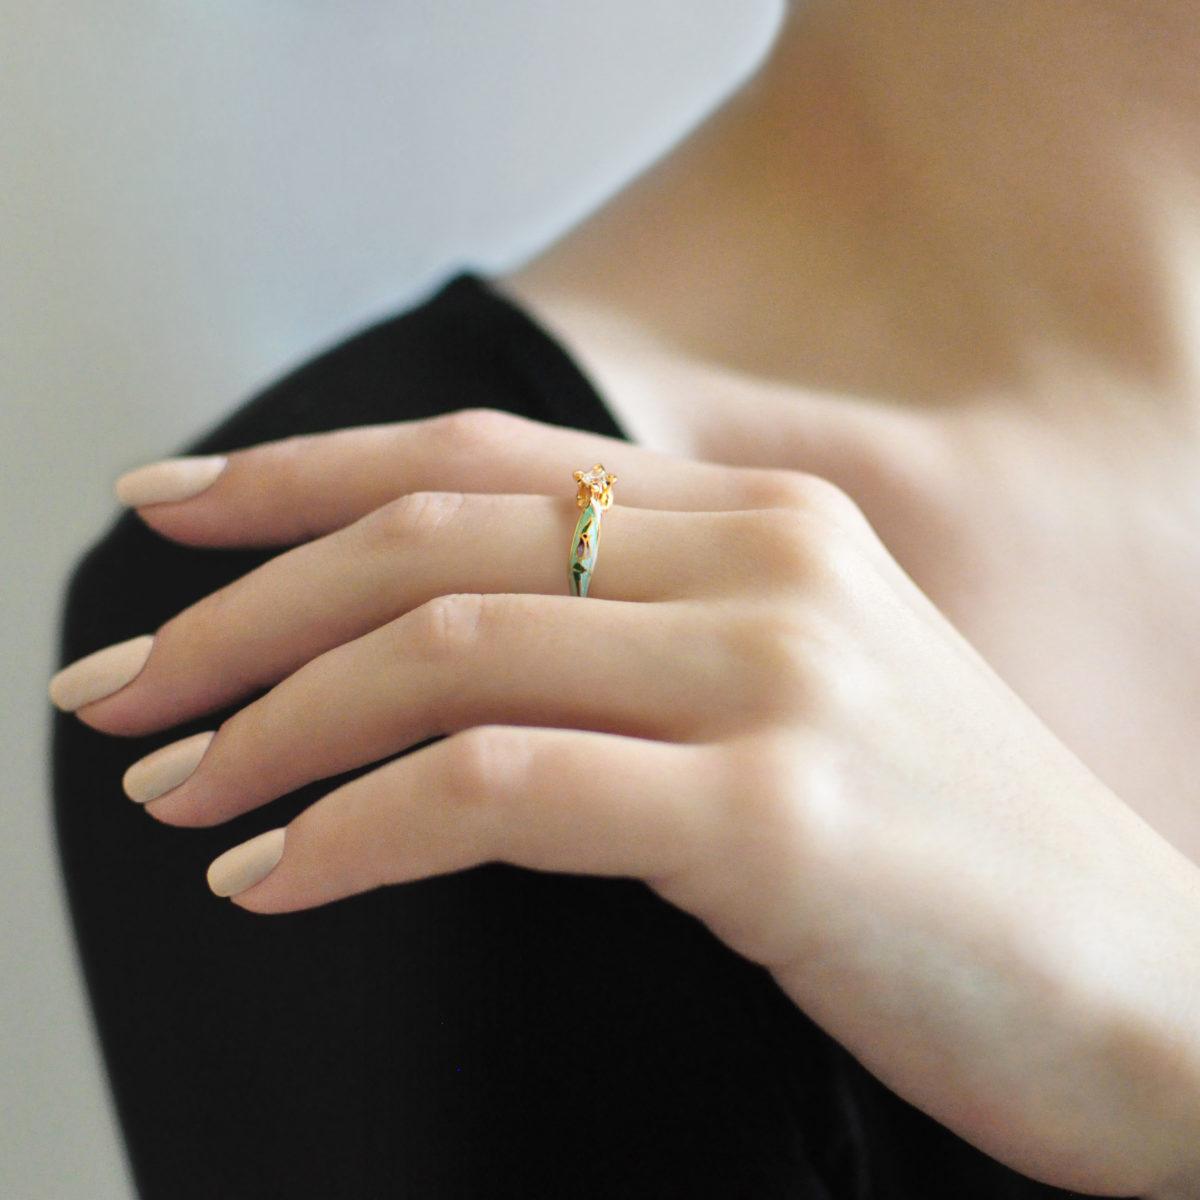 Zolochenie myatnaya 1200x1200 - Перстень серебряный «Примавера» (золочение), мятное с фианитами